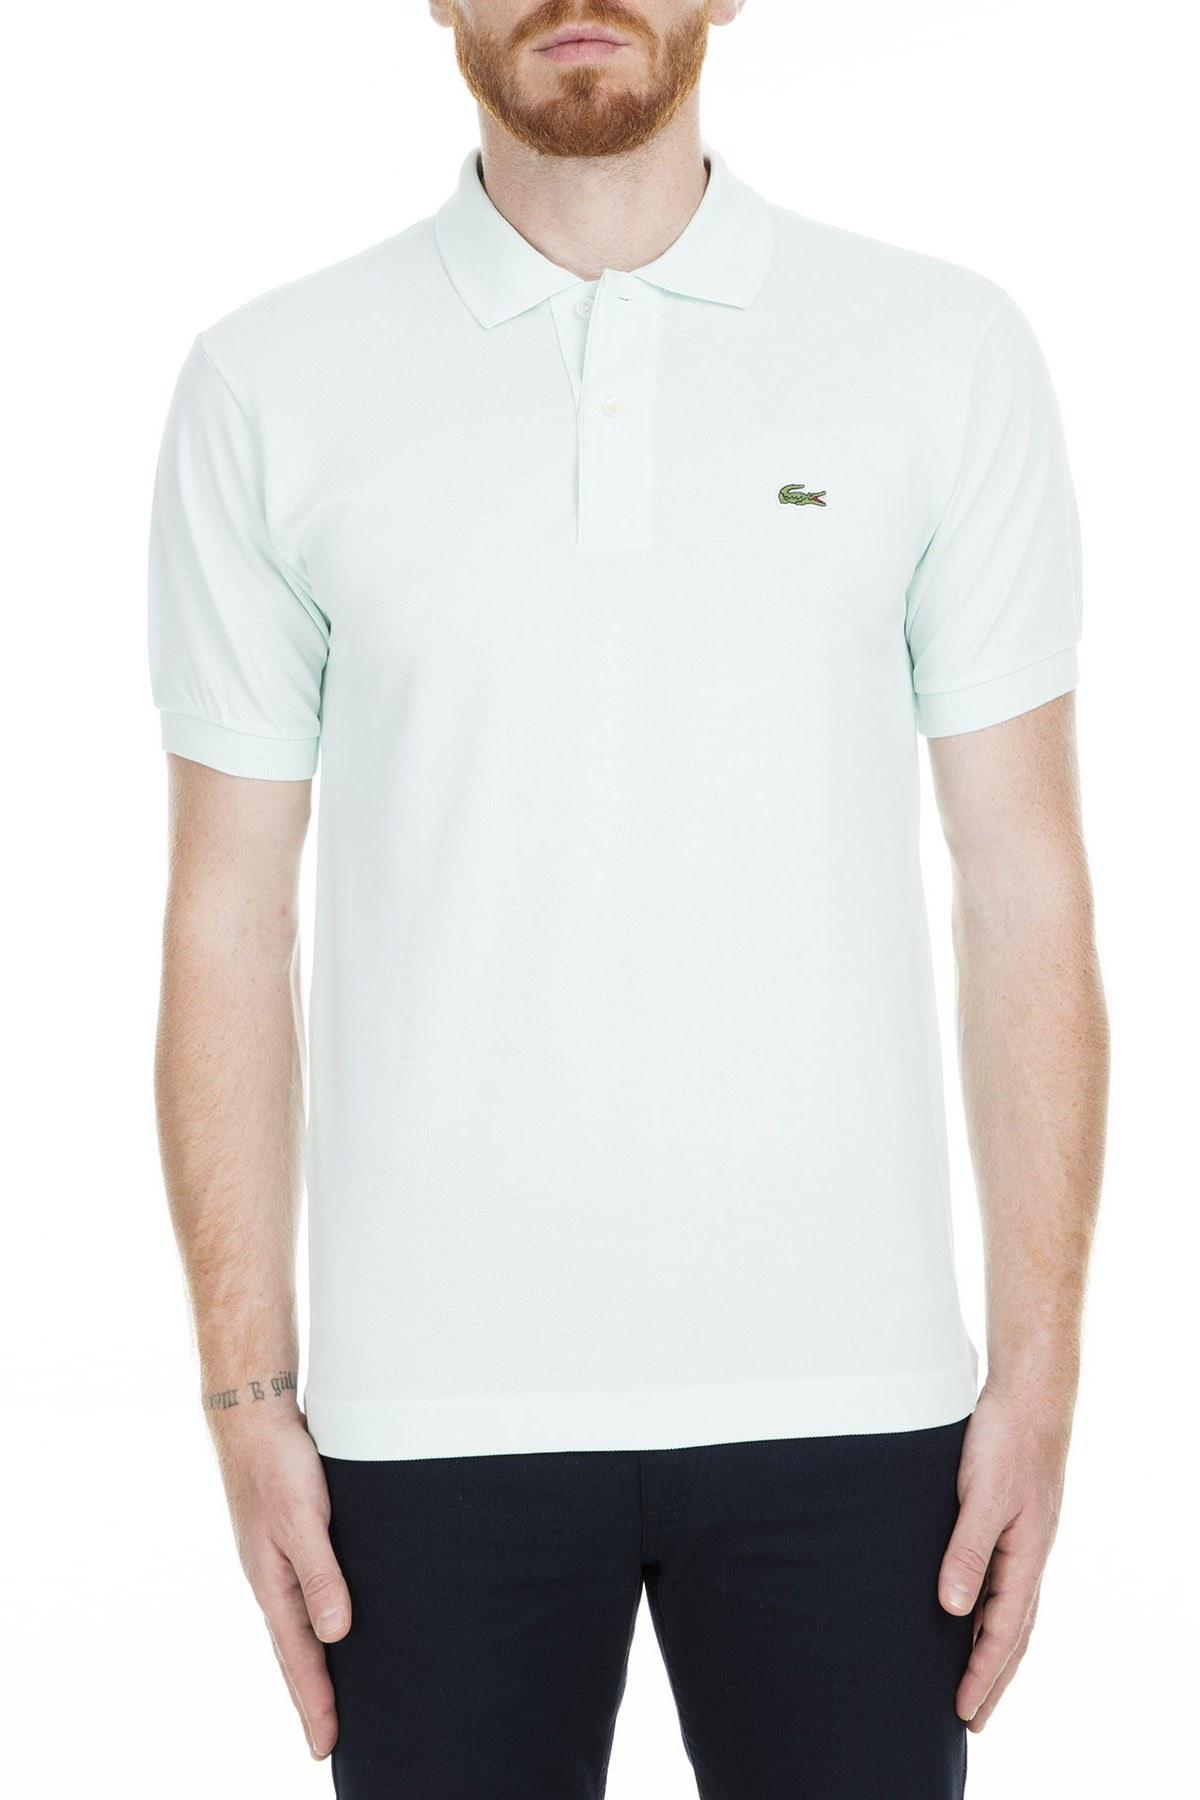 Lacoste Polo Erkek T Shirt L1212 PH0 AÇIK MAVİ